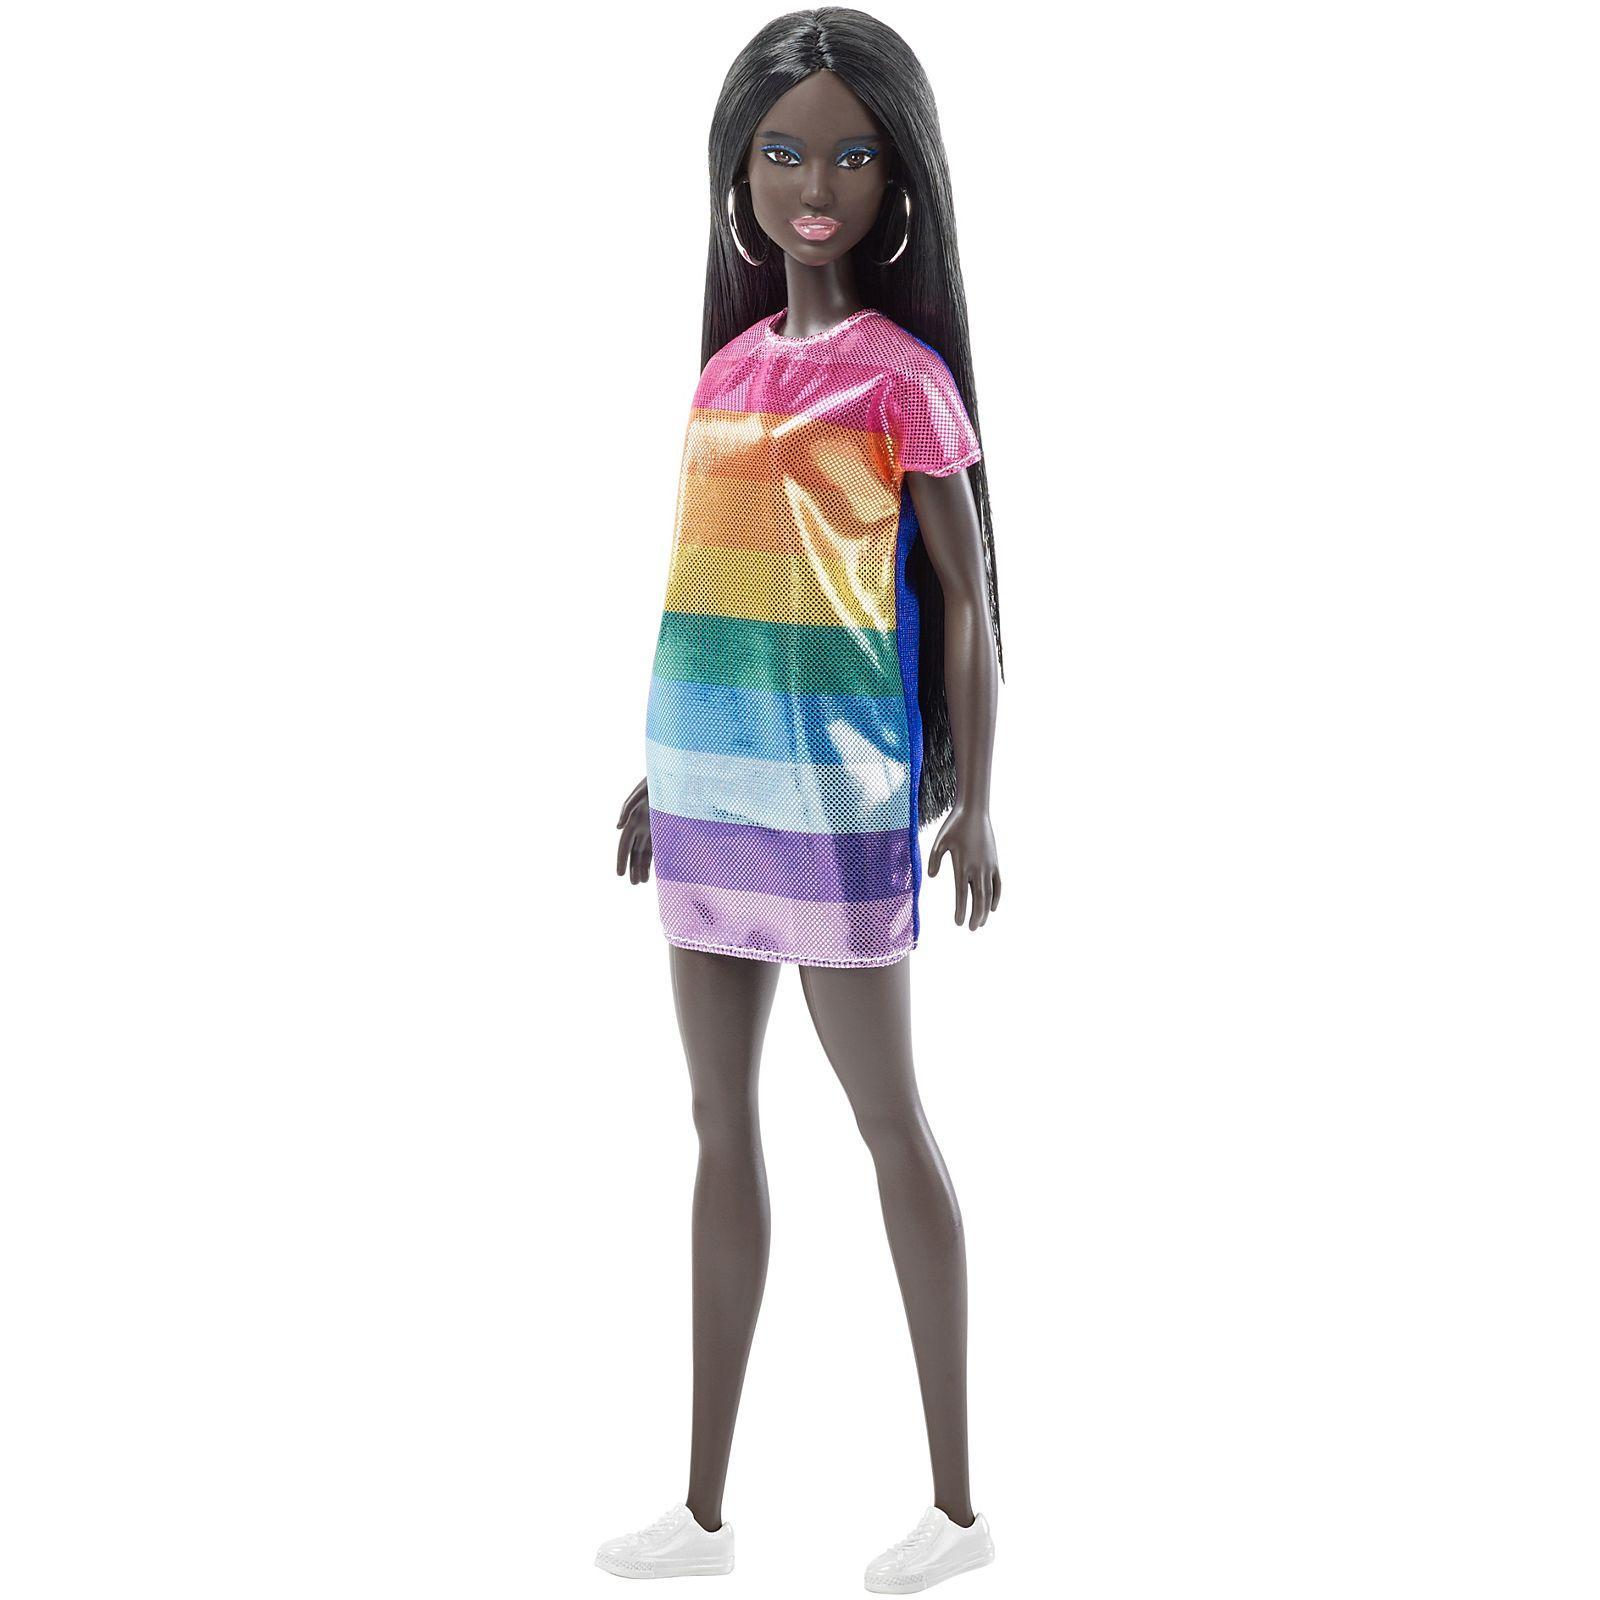 Búp Bê Barbie Da đen Bất Ngờ Ưu Đãi Giá